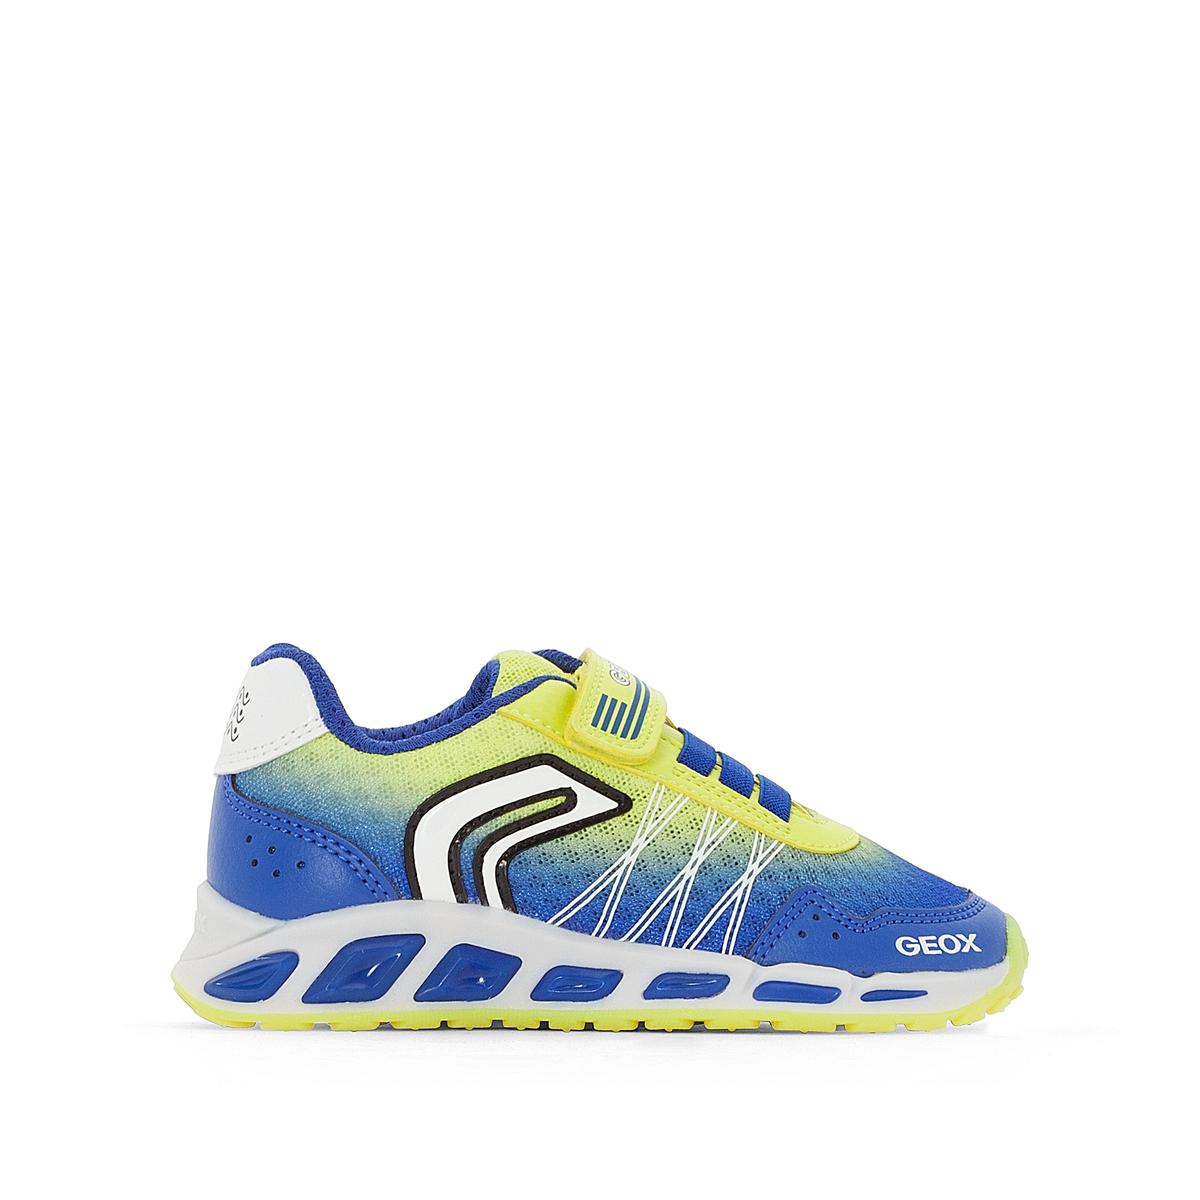 Кеды J SHUTTLE B. BДетали: •  Спортивный стиль. •  Плоский каблук. •  Застежка: шнуровка.Состав и уход: •  Верх: 74% полиэстера, 26% синтетики. •  Подкладка: 100% полиэстер. •  Подошва: 100% каучук.<br><br>Цвет: синий/ желтый